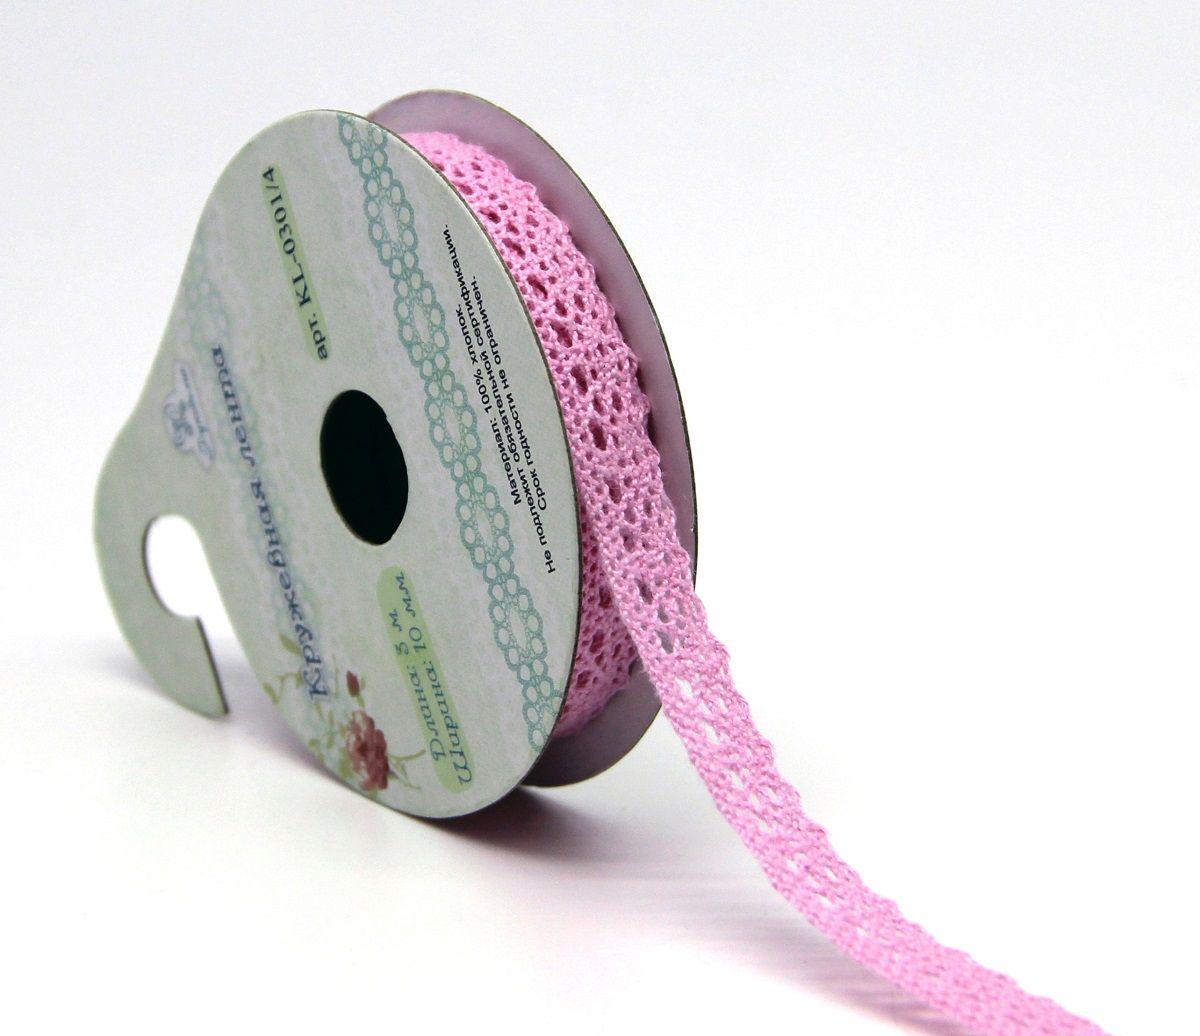 Лента кружевная Рукоделие, цвет: светло-розовый, 1 см, 3 м. KL-0301KL-0301/4Предназначены для прикладных, дизайнерских работ, оформления открыток , альбомов. длина 3м ширина 10мм Хлопок 100%